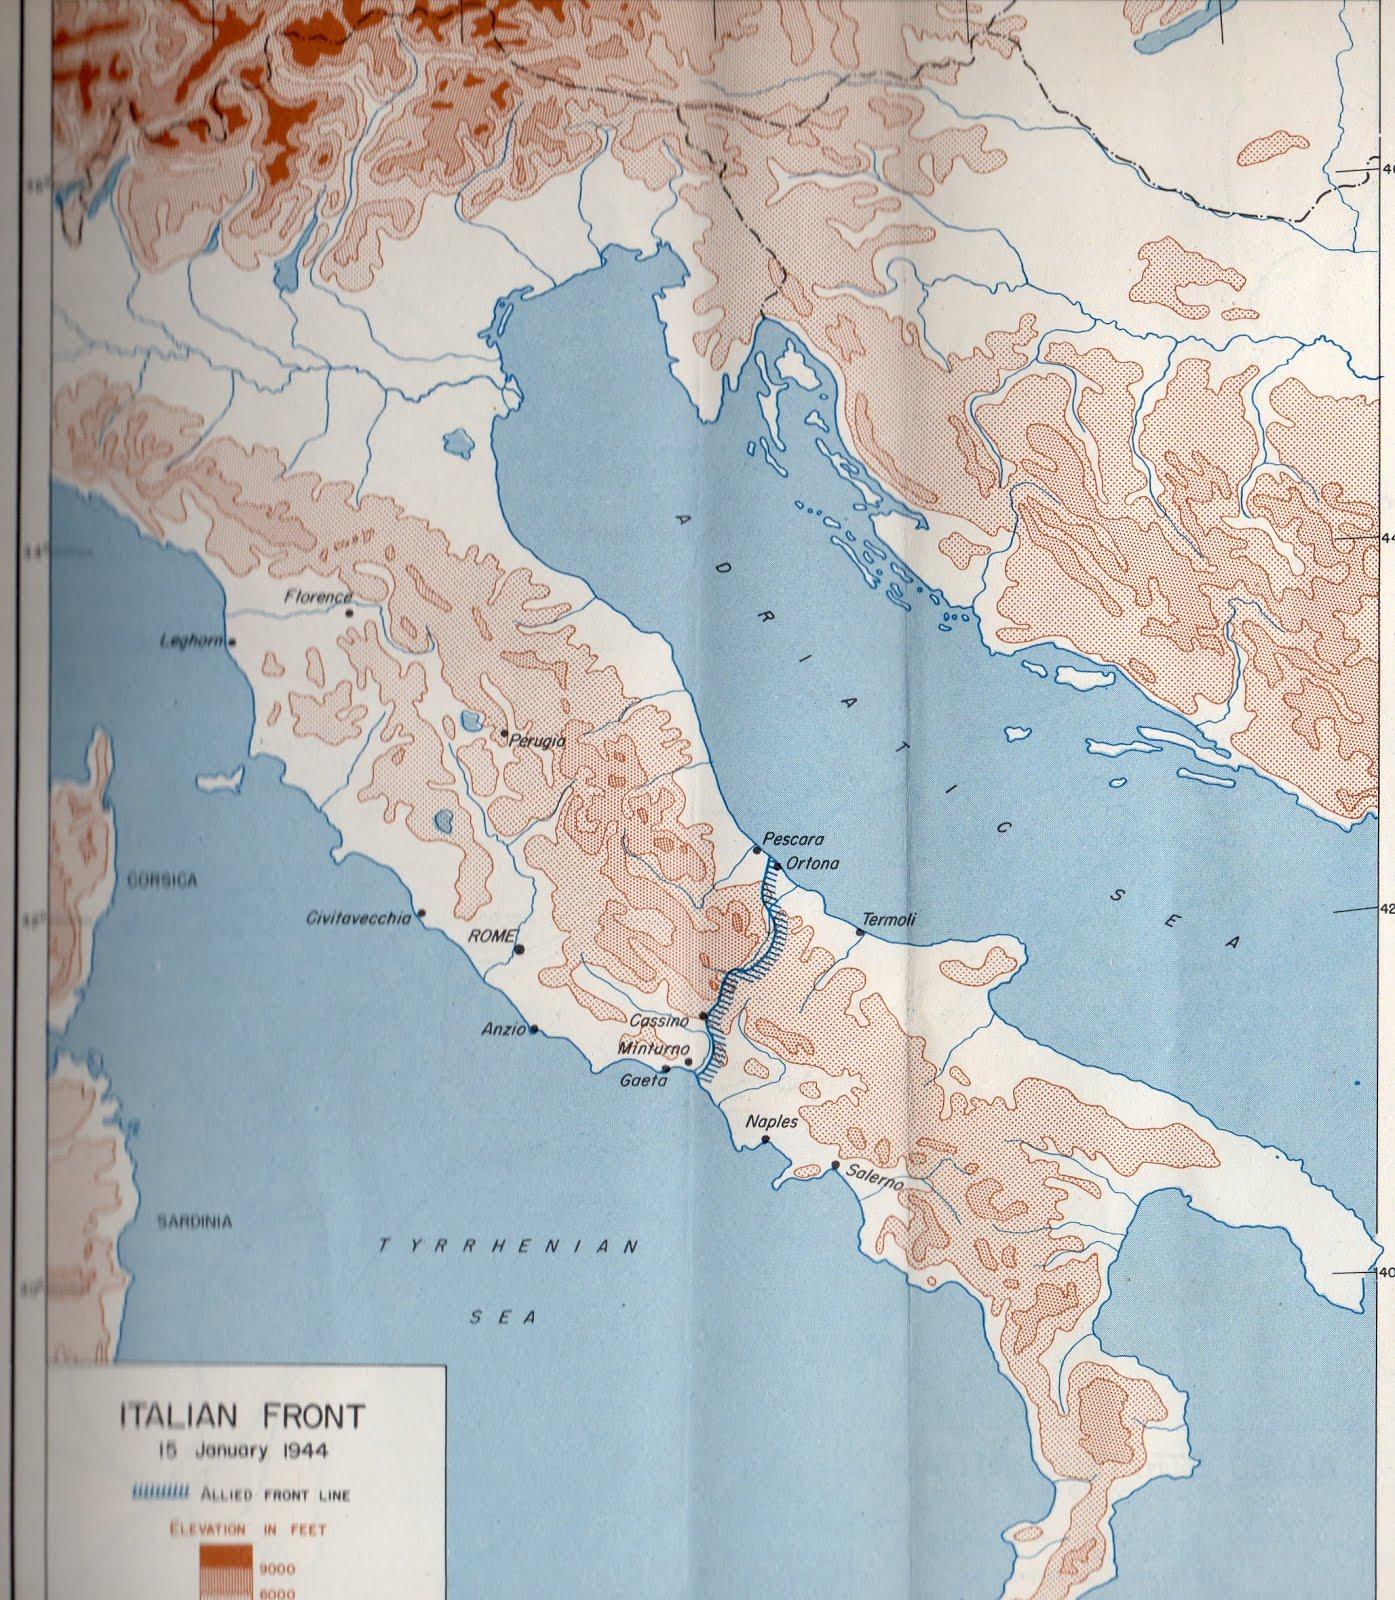 Dizionario Compendio 1943